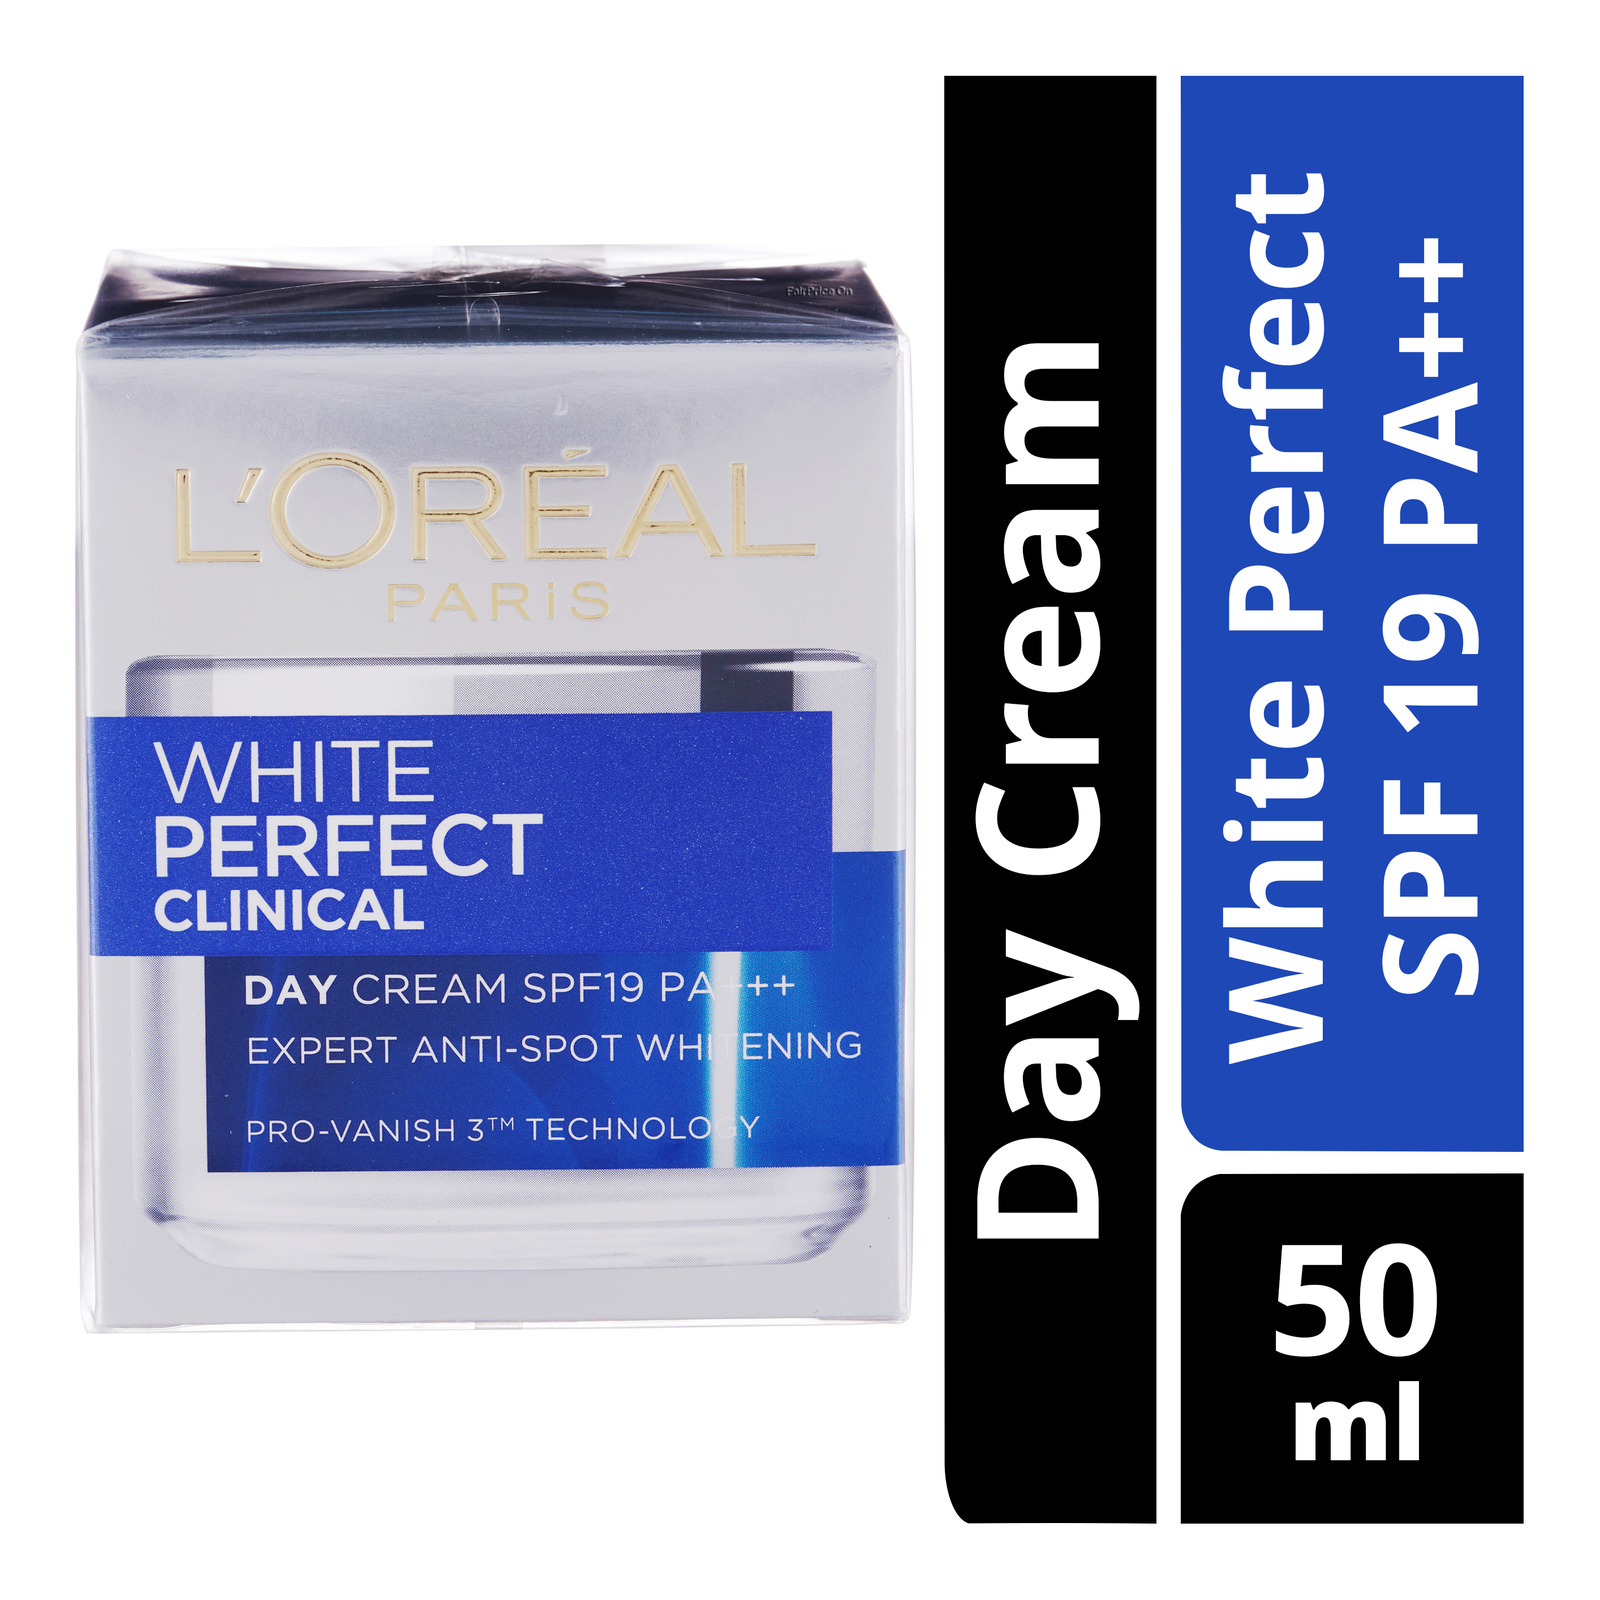 L'Oreal Paris Day Cream - White Perfect SPF 19 PA++